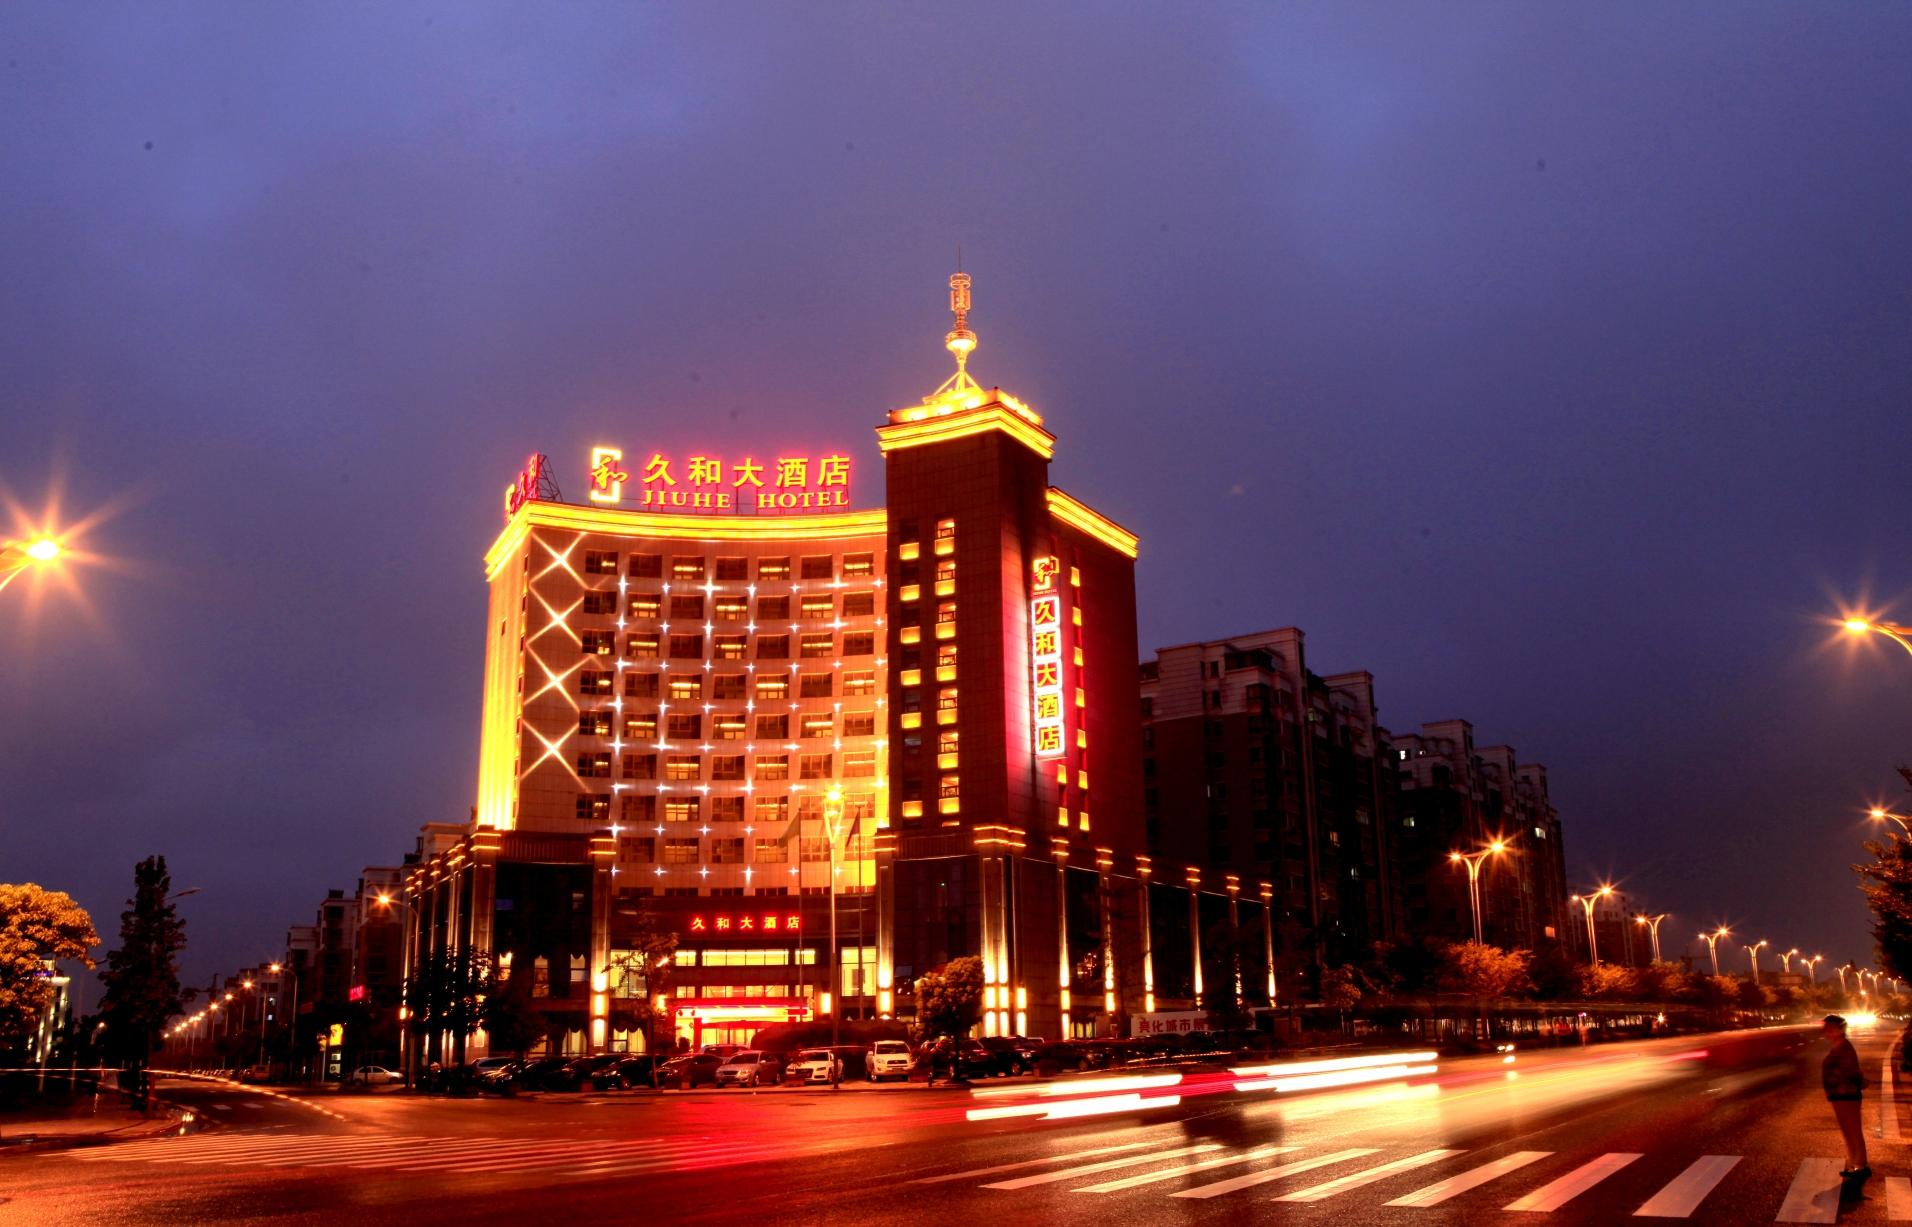 安徽久和大酒店